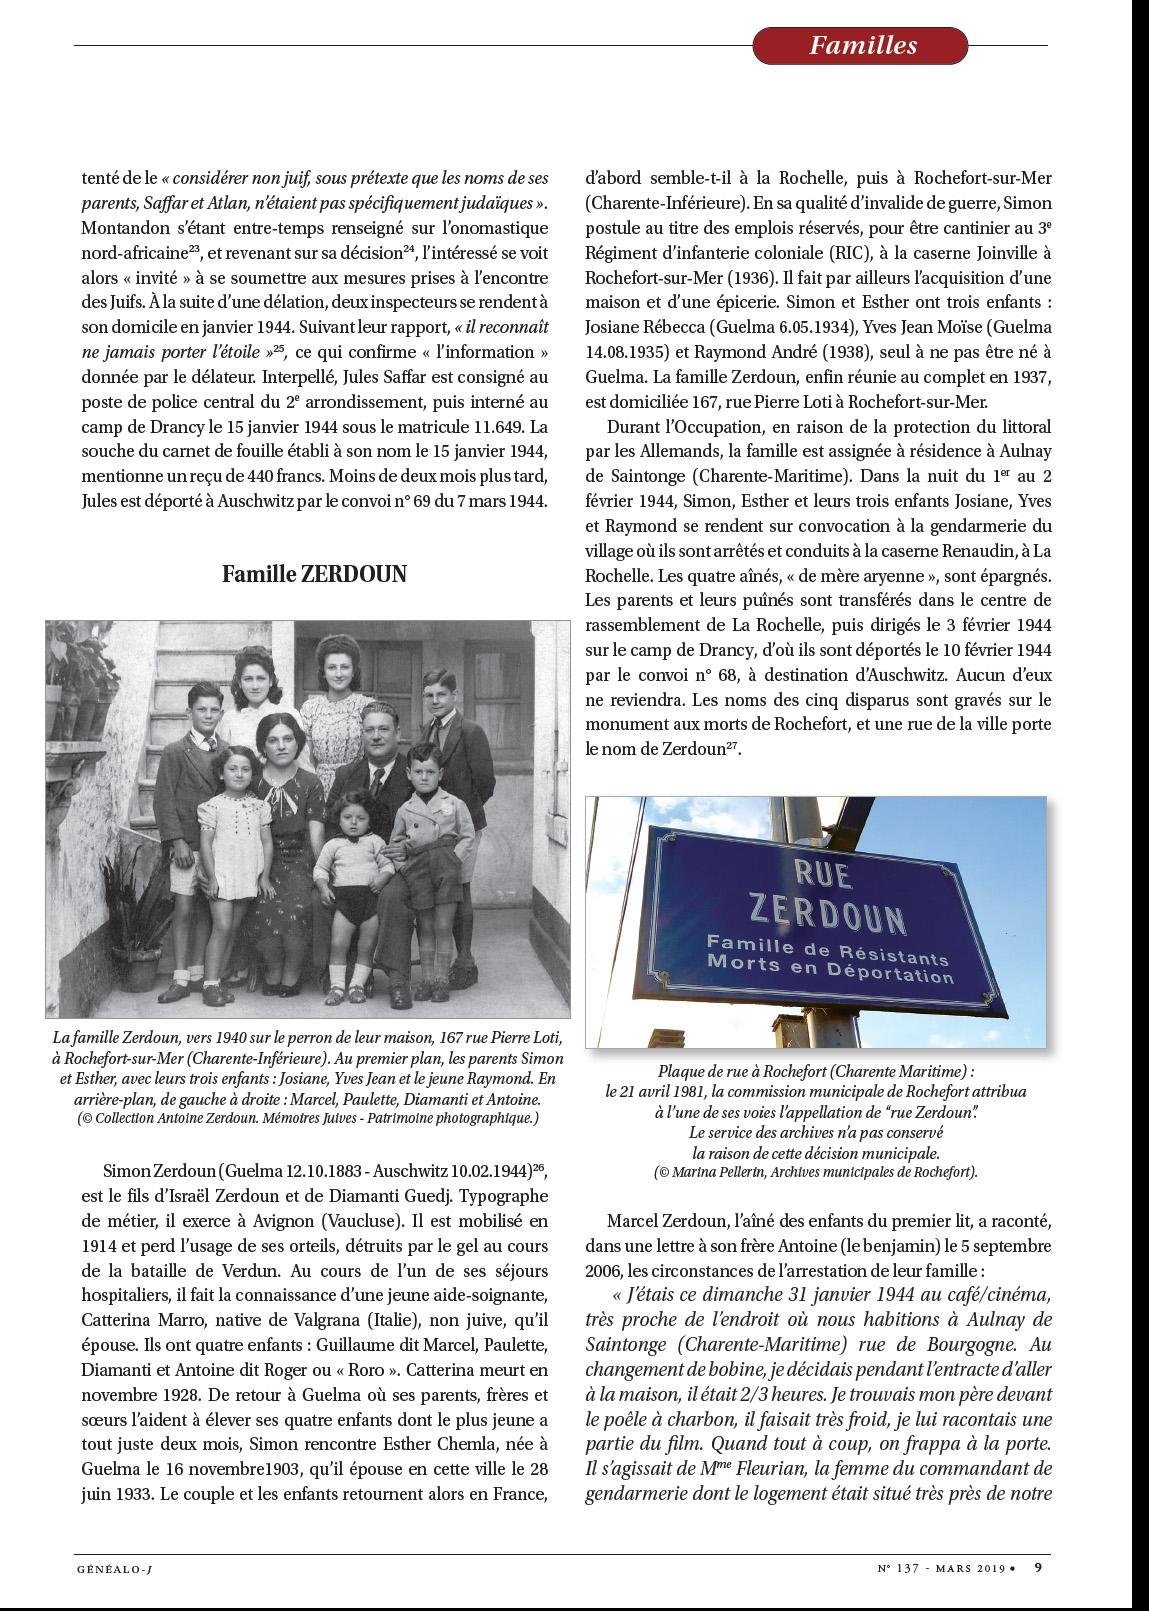 Laloum 3 page 7